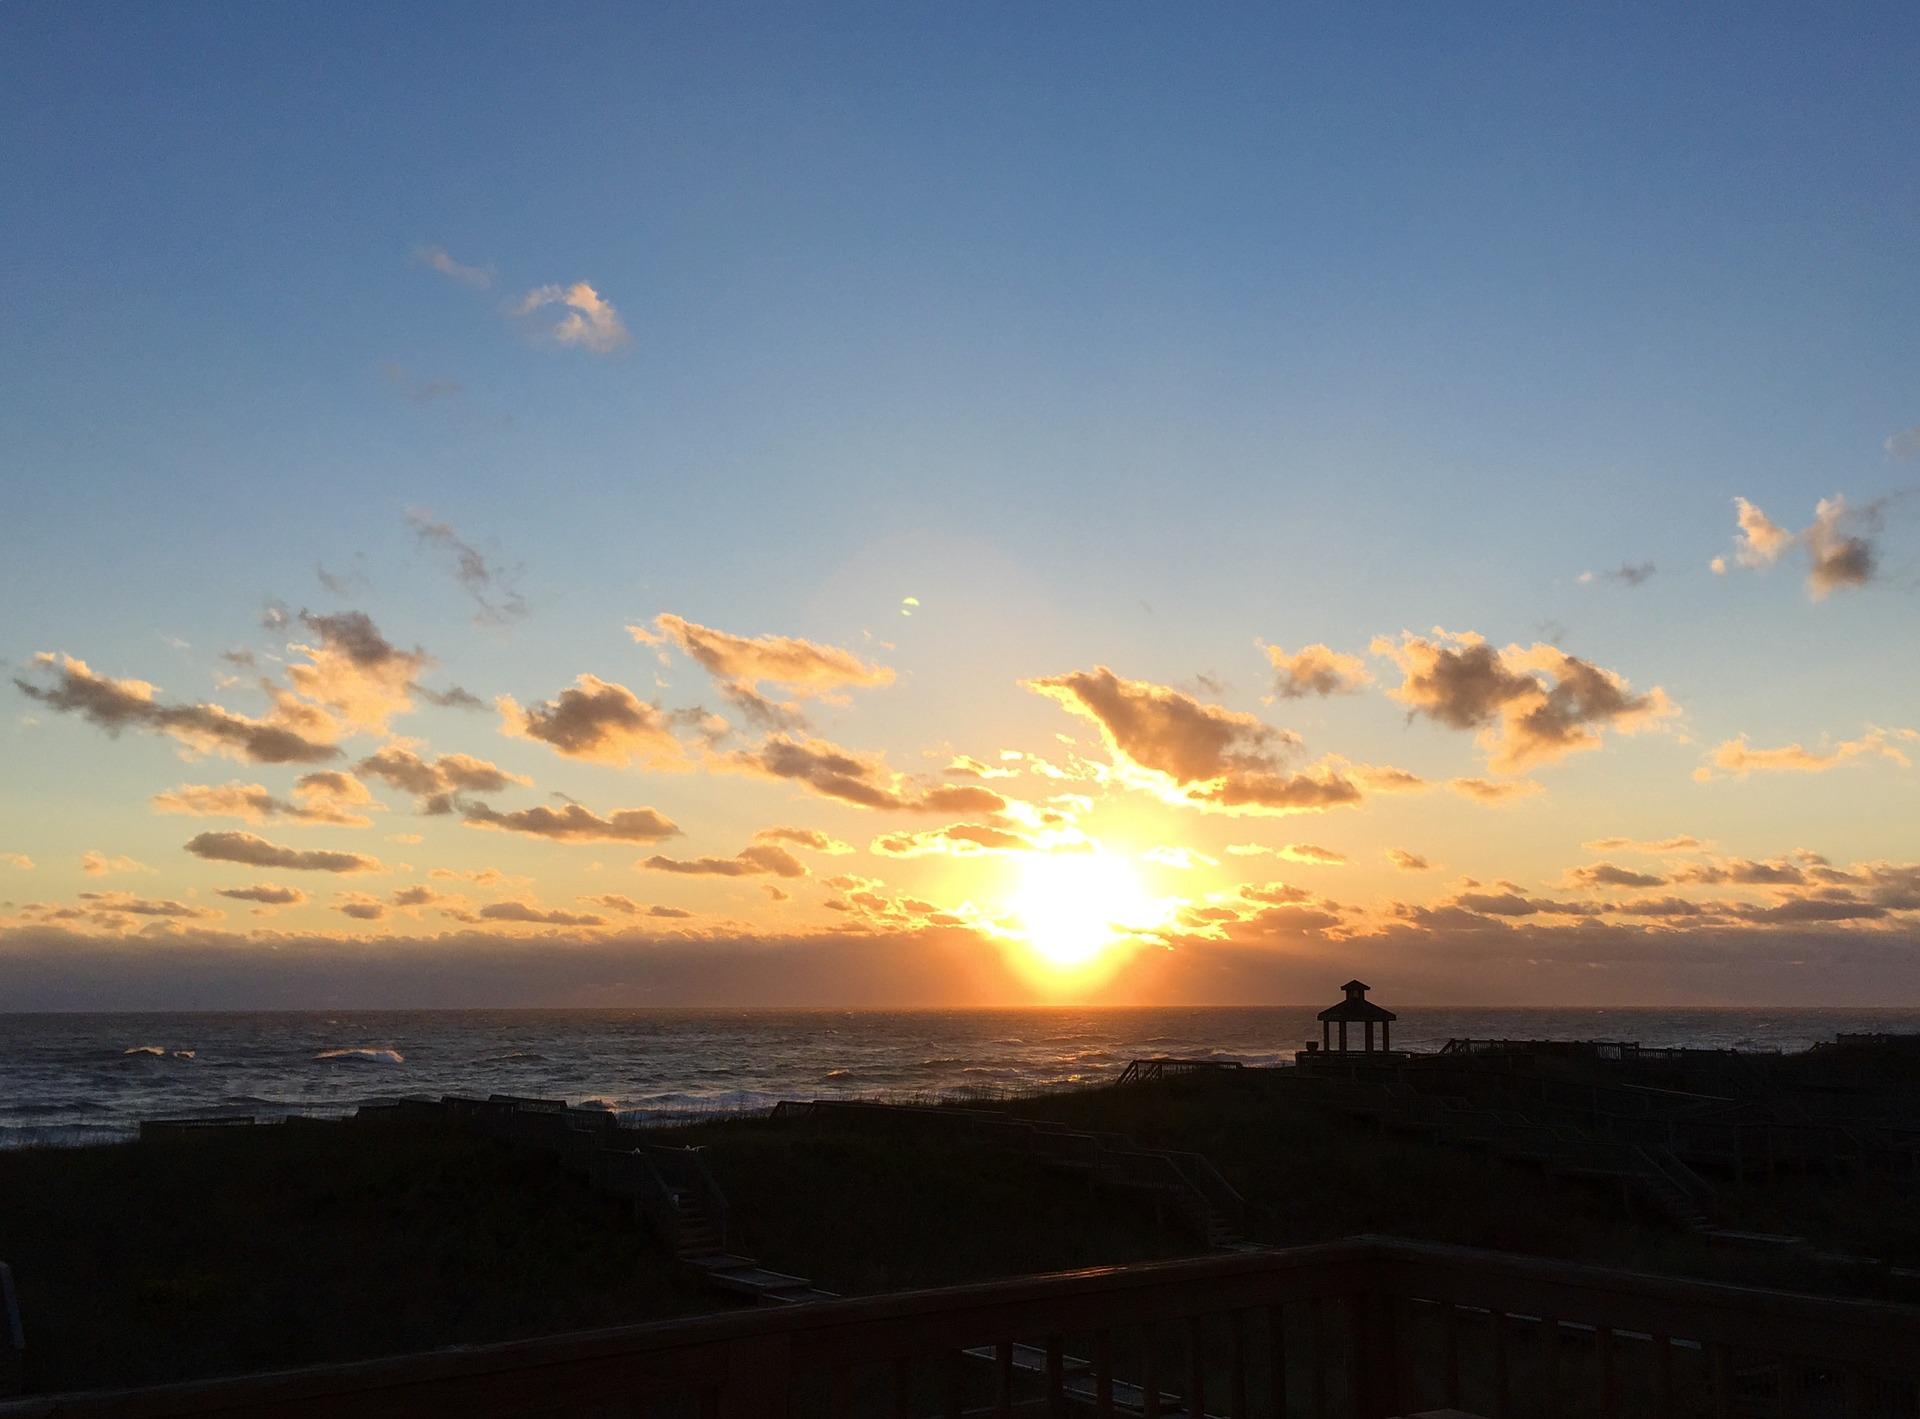 sunrise-2371707_1920.jpg